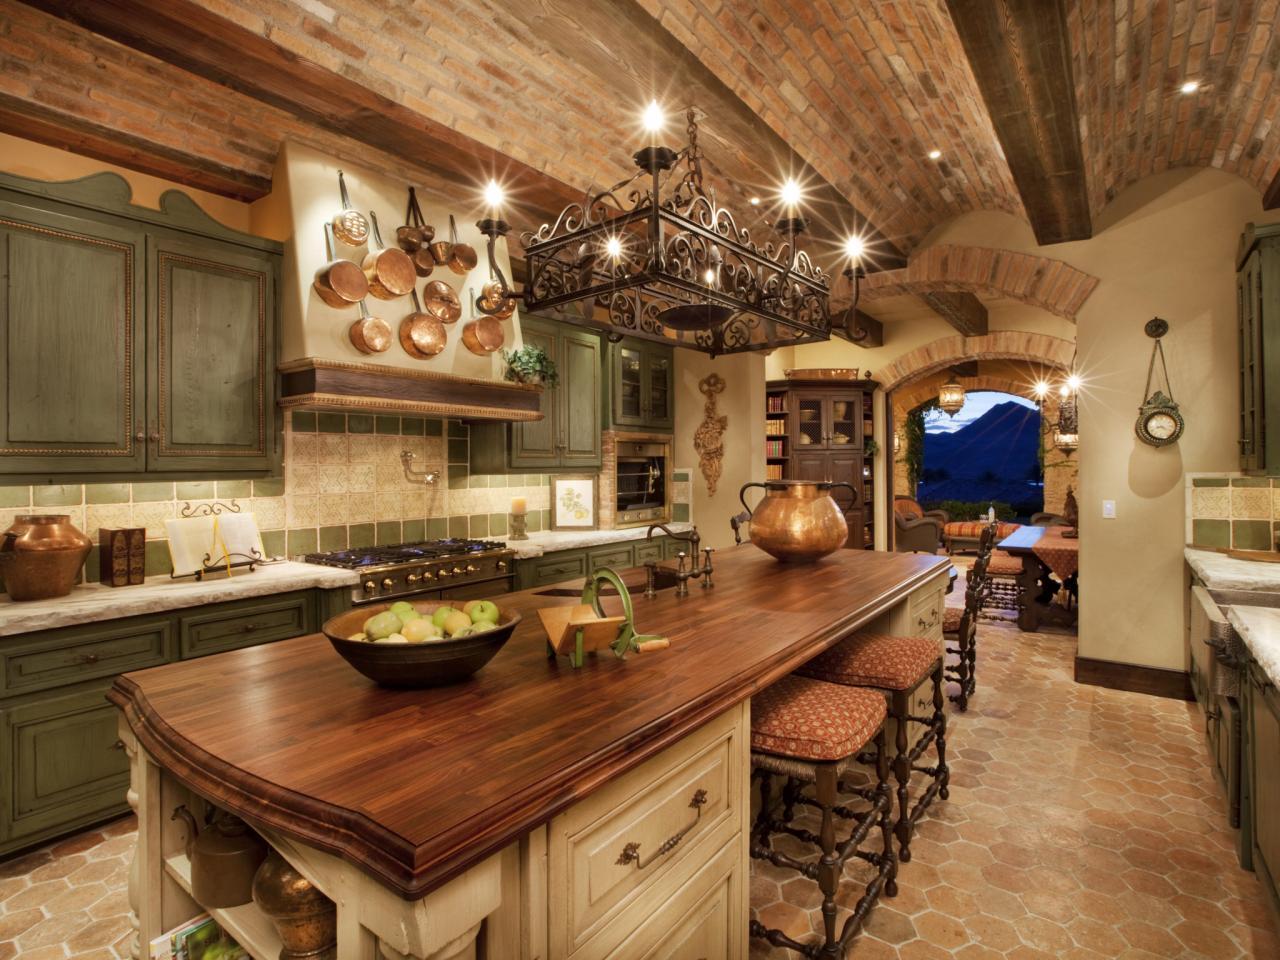 Кхня в итальянском стиле - это не только дворцовая роскошь, но и уютное кантри